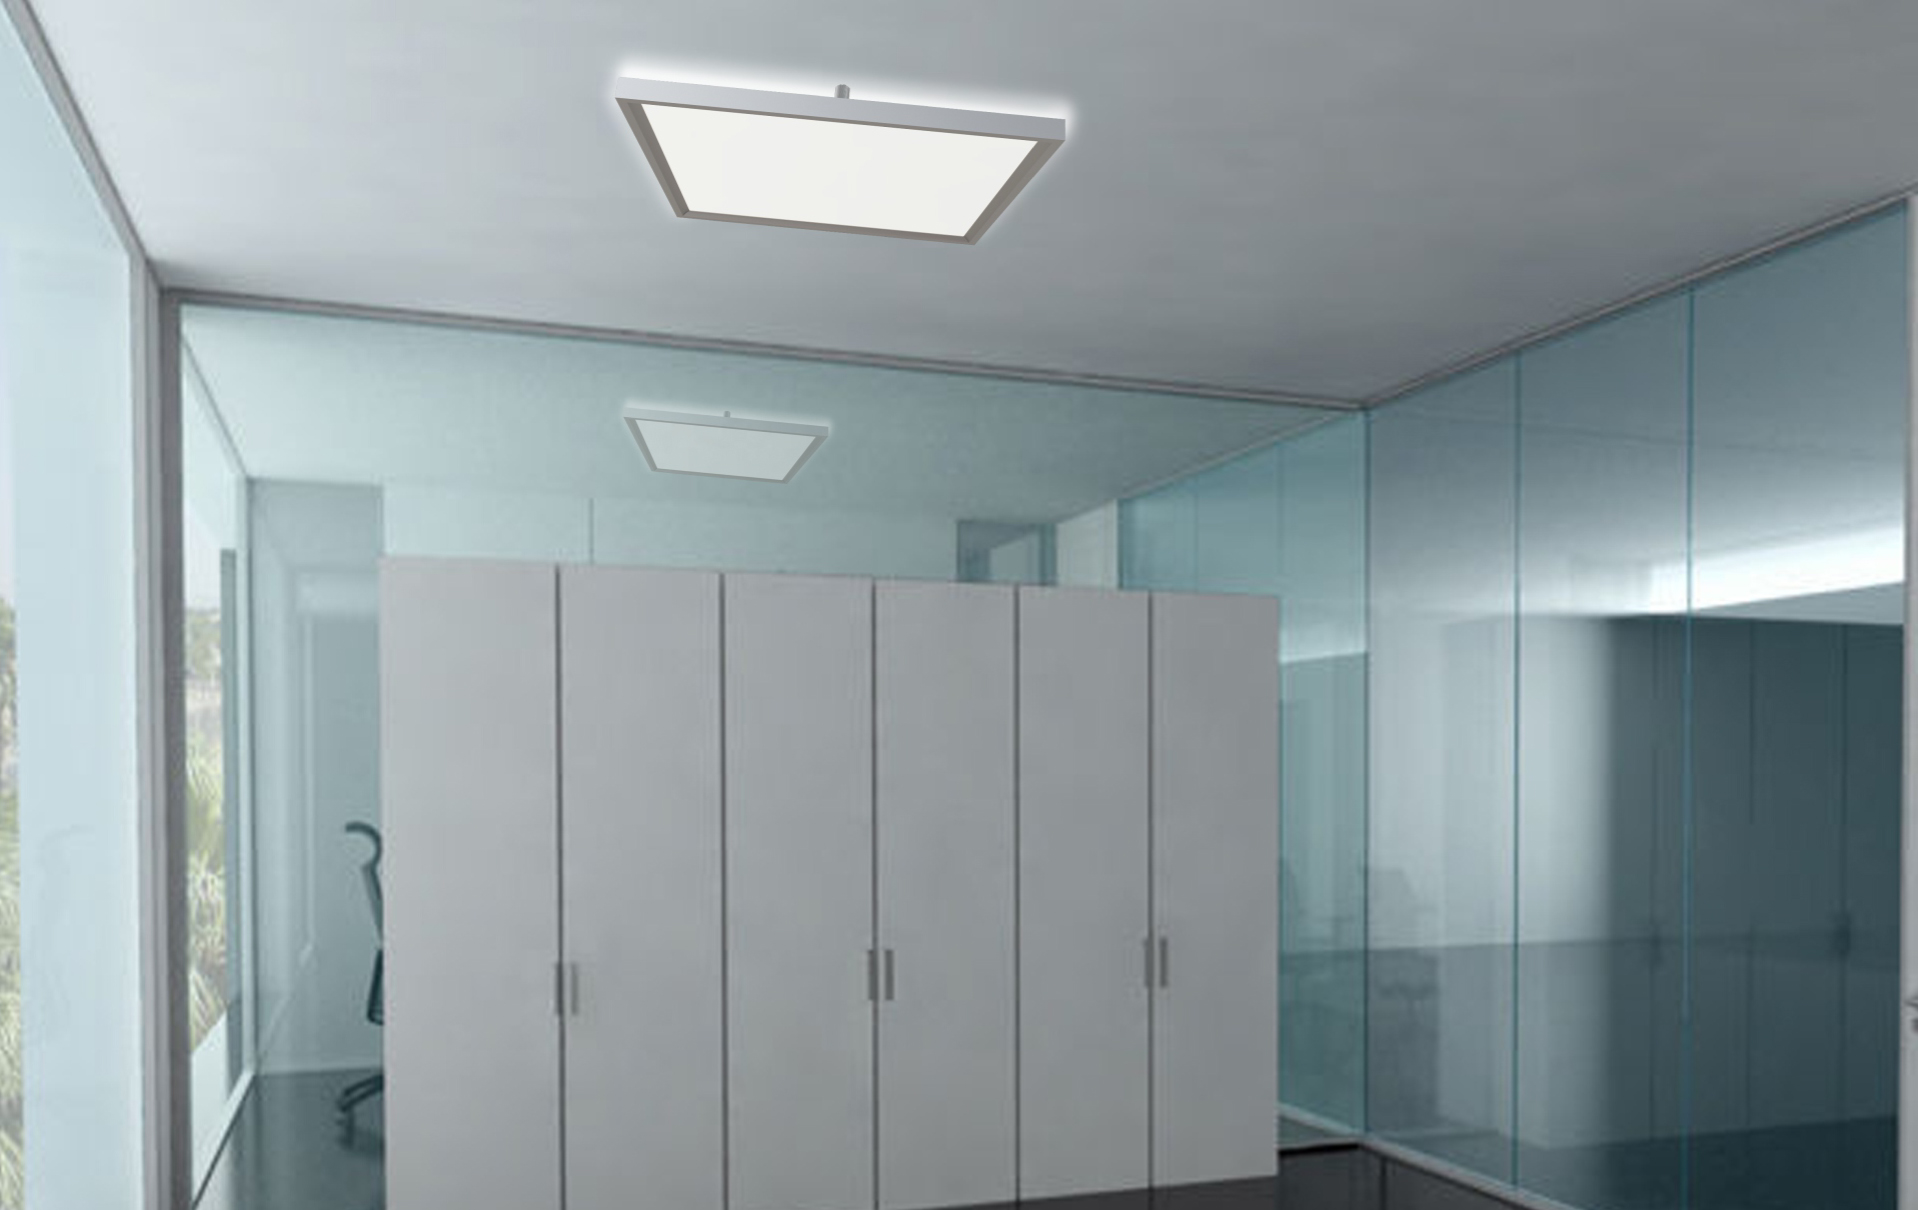 LEDAXO LED-Deckenleuchte DL-09-60-E Anwendungsbeispiel